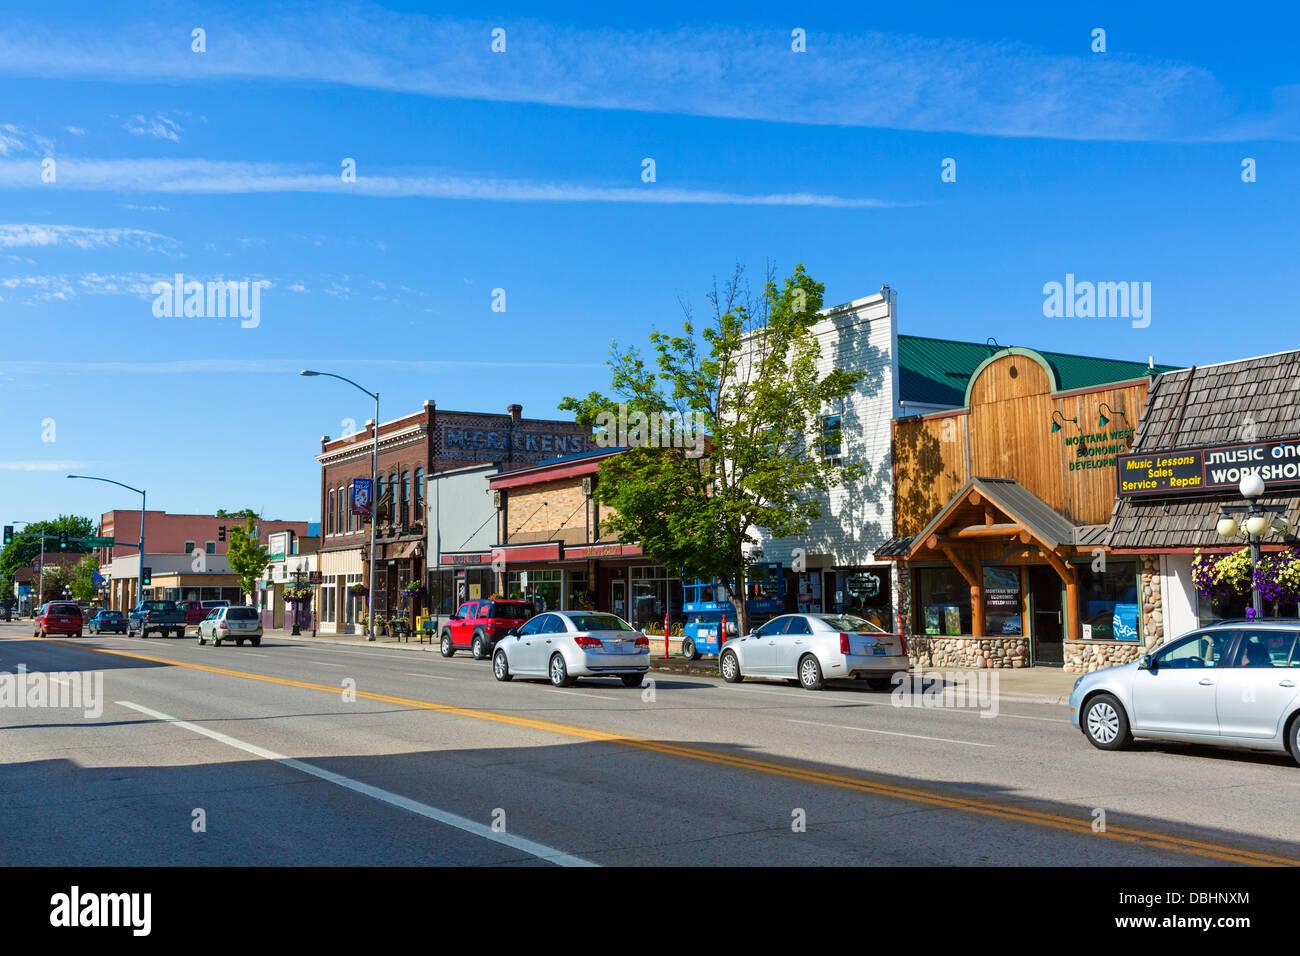 Calle principal de la ciudad de Kalispell, Montana, EE.UU. Imagen De Stock